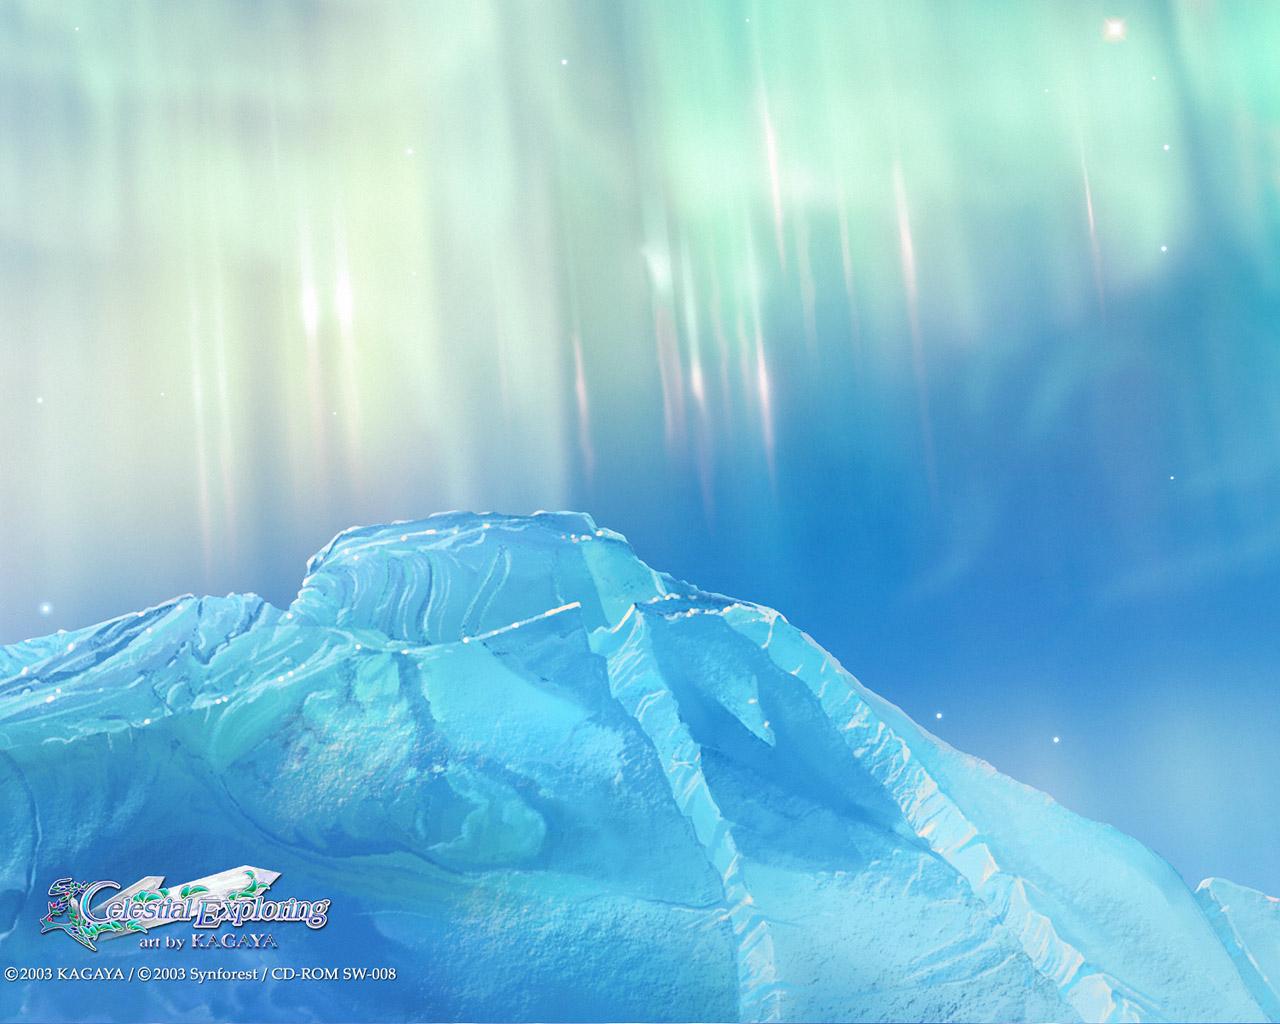 Glacier Fantasy